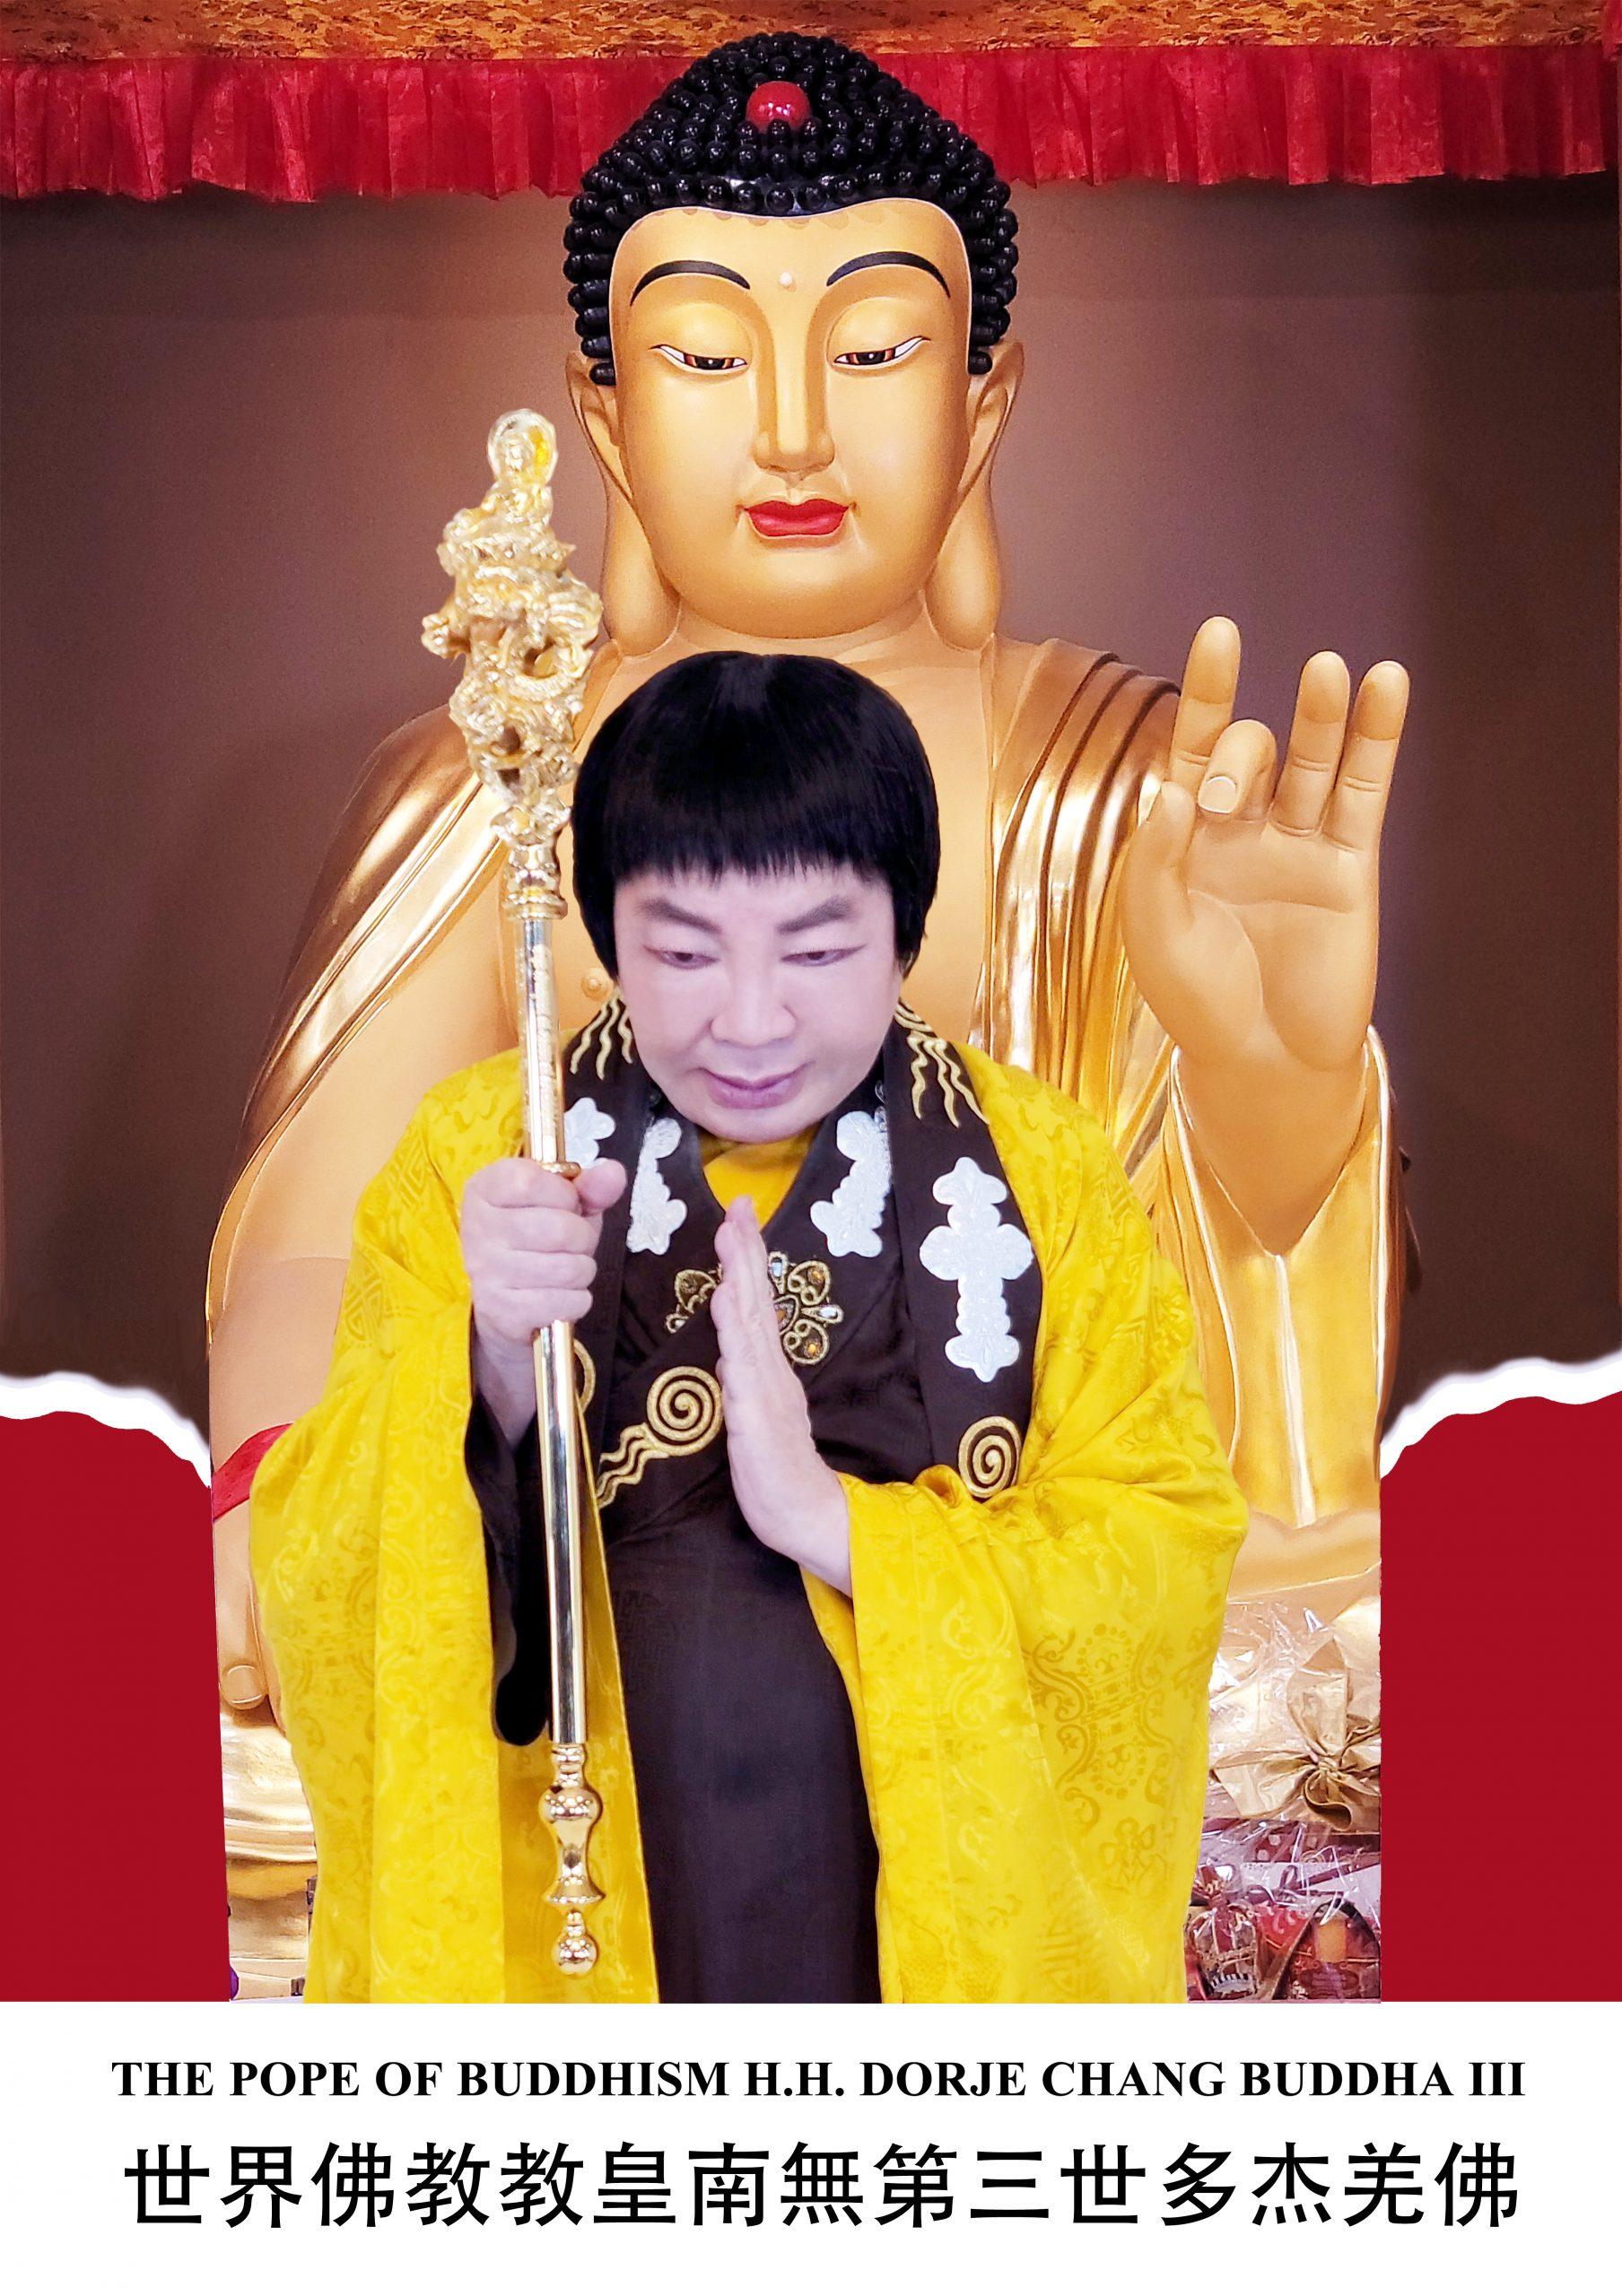 瑪倉派佛學會 佛教教皇 第三世多杰羌佛